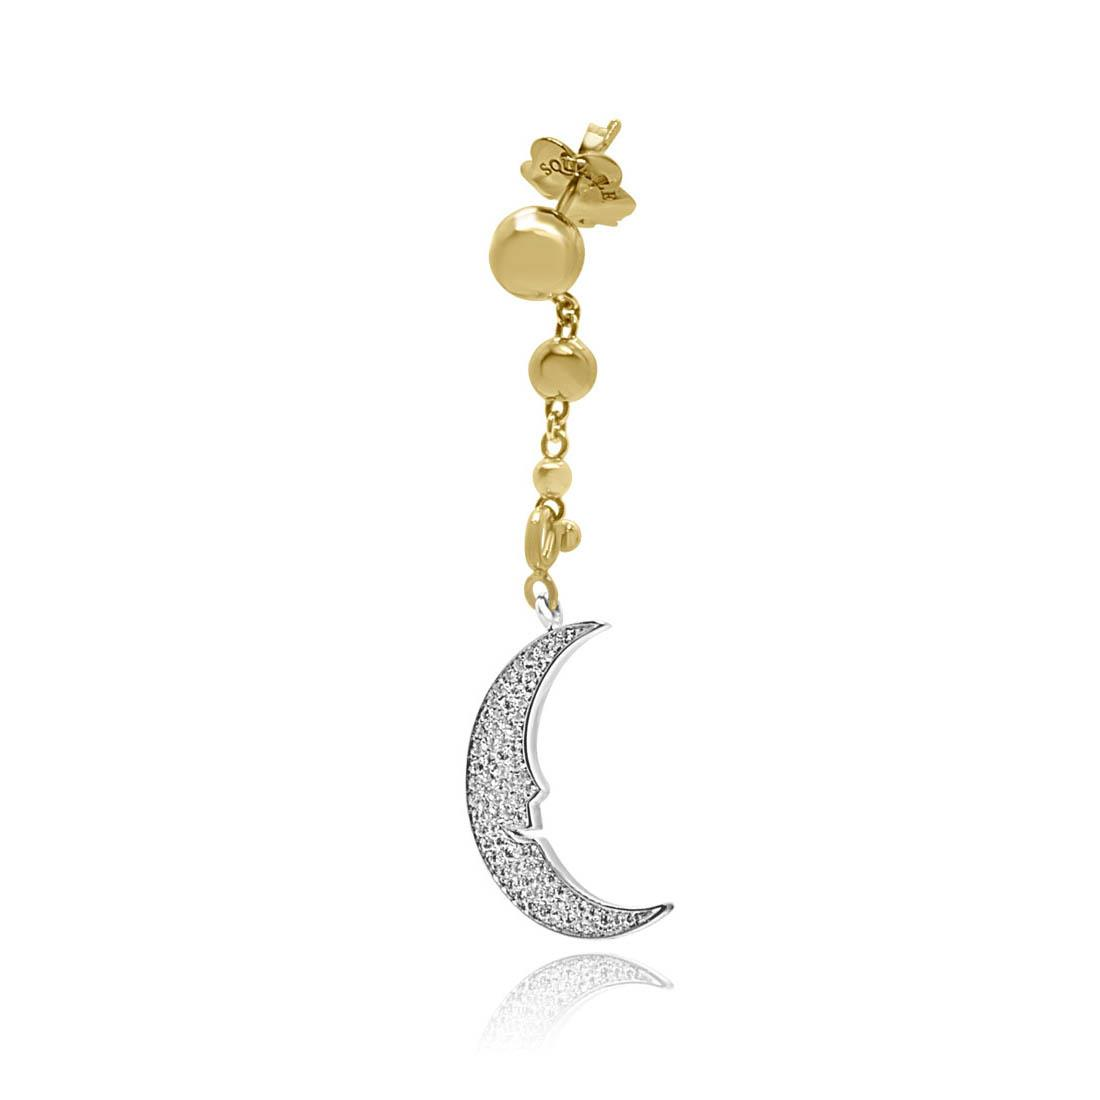 Orecchino in oro bianco e giallo con pendente a forma di luna - PASQUALE BRUNI